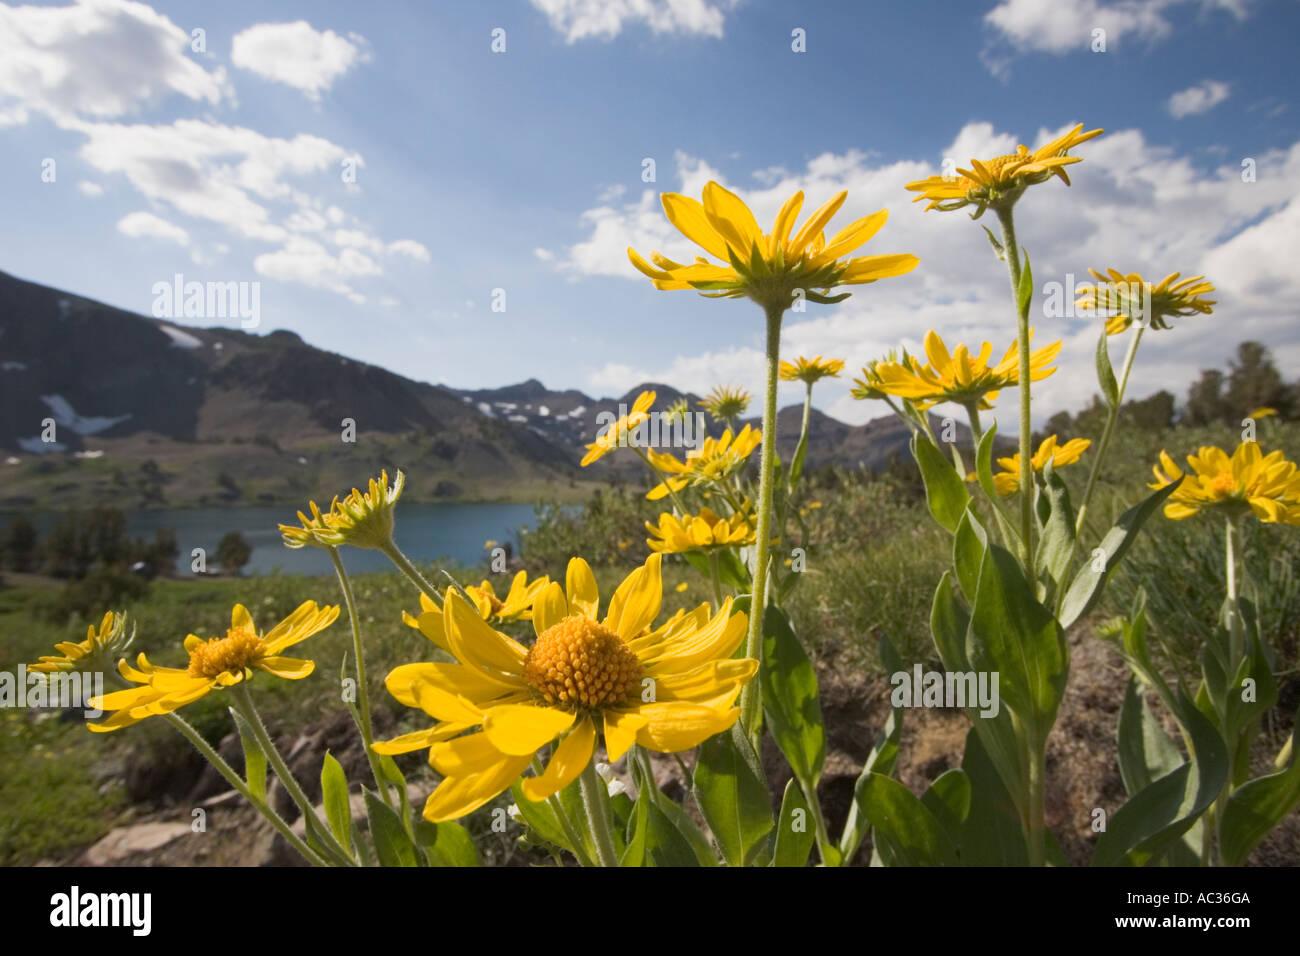 Tall mountain helenium (Dugaldia hoopesii) wildflowers in bloom at Leavitt Lake, Toiyabe National Forest California,Stock Photo